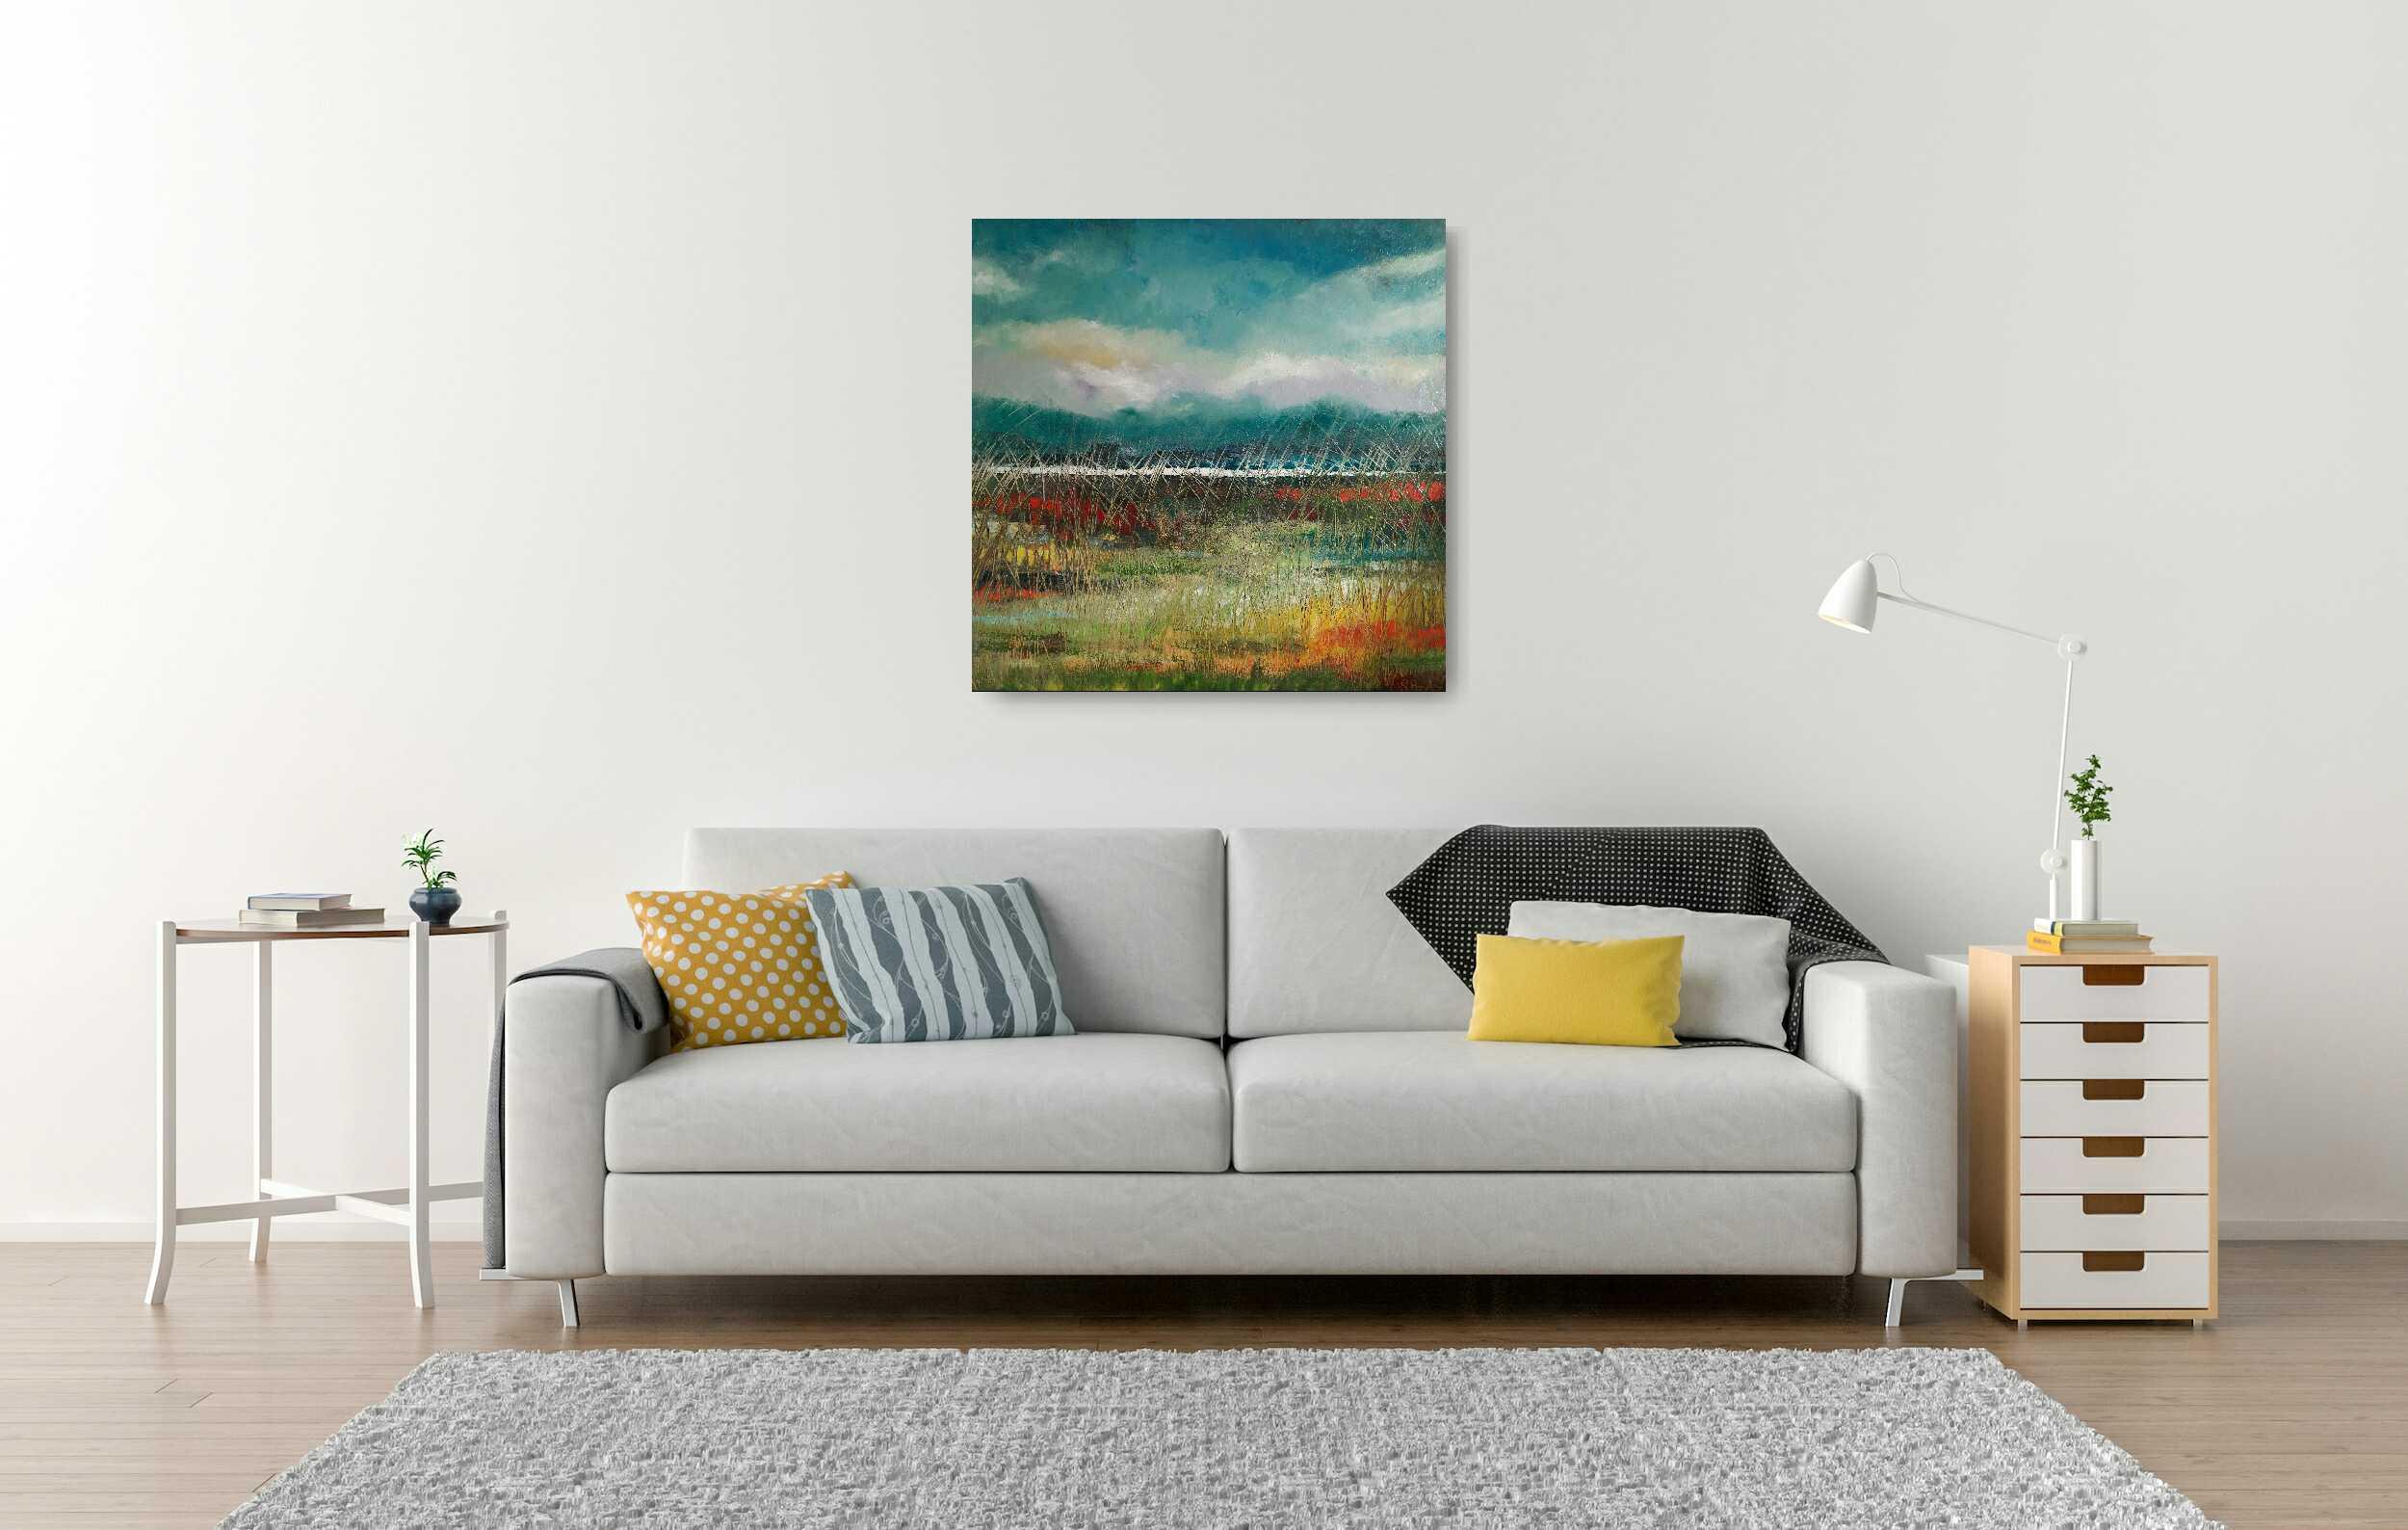 Grasses-Steve-Bayley